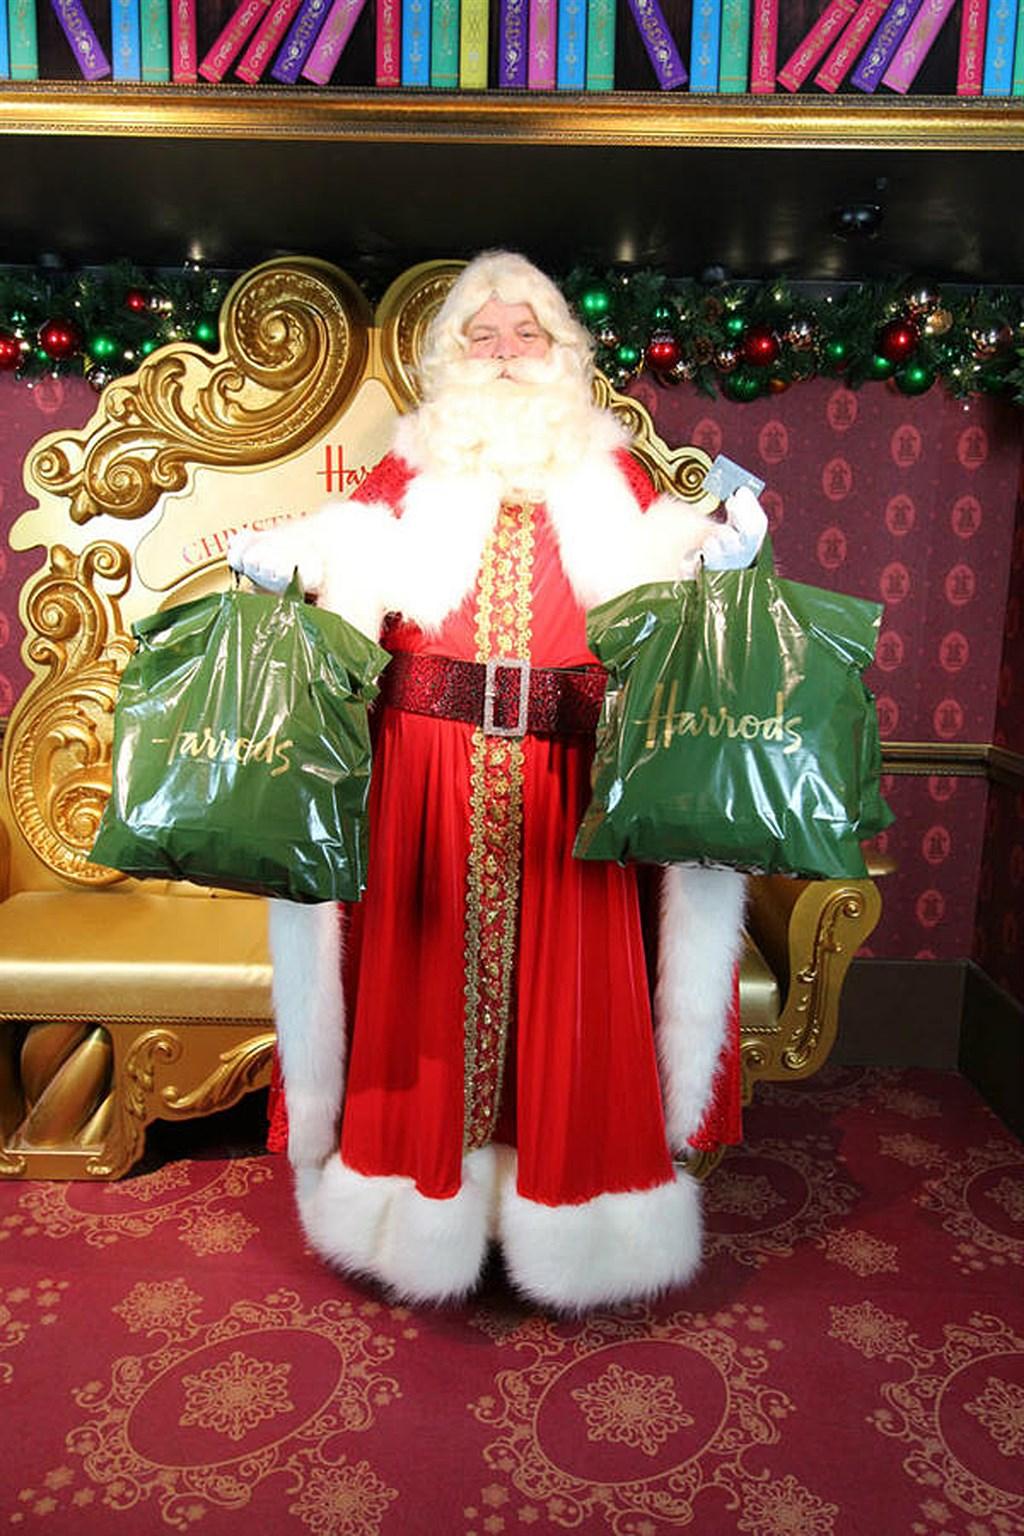 英國哈洛德百貨2019年的耶誕老公公見面會,卻限定給每年消費約新台幣7萬8000元以上的顧客,引發爭議。(圖取自twitter.com/Harrods)